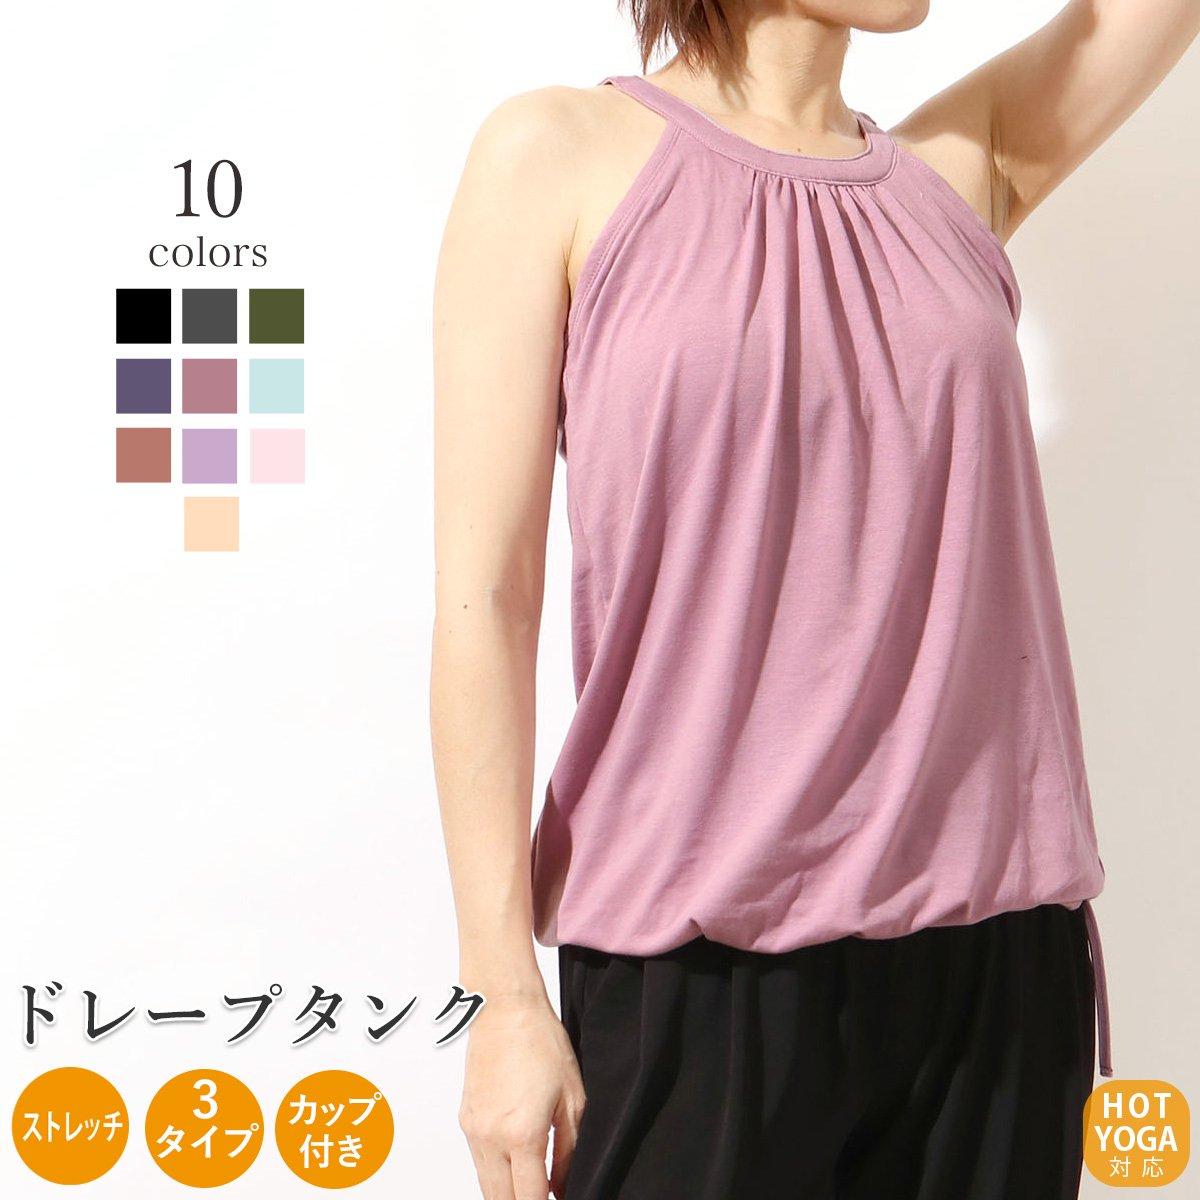 ヨガウェア 3タイプ カップ付トップス 5分袖Tシャツ キャミ フィットネスウェア ピラティス ホットヨガ